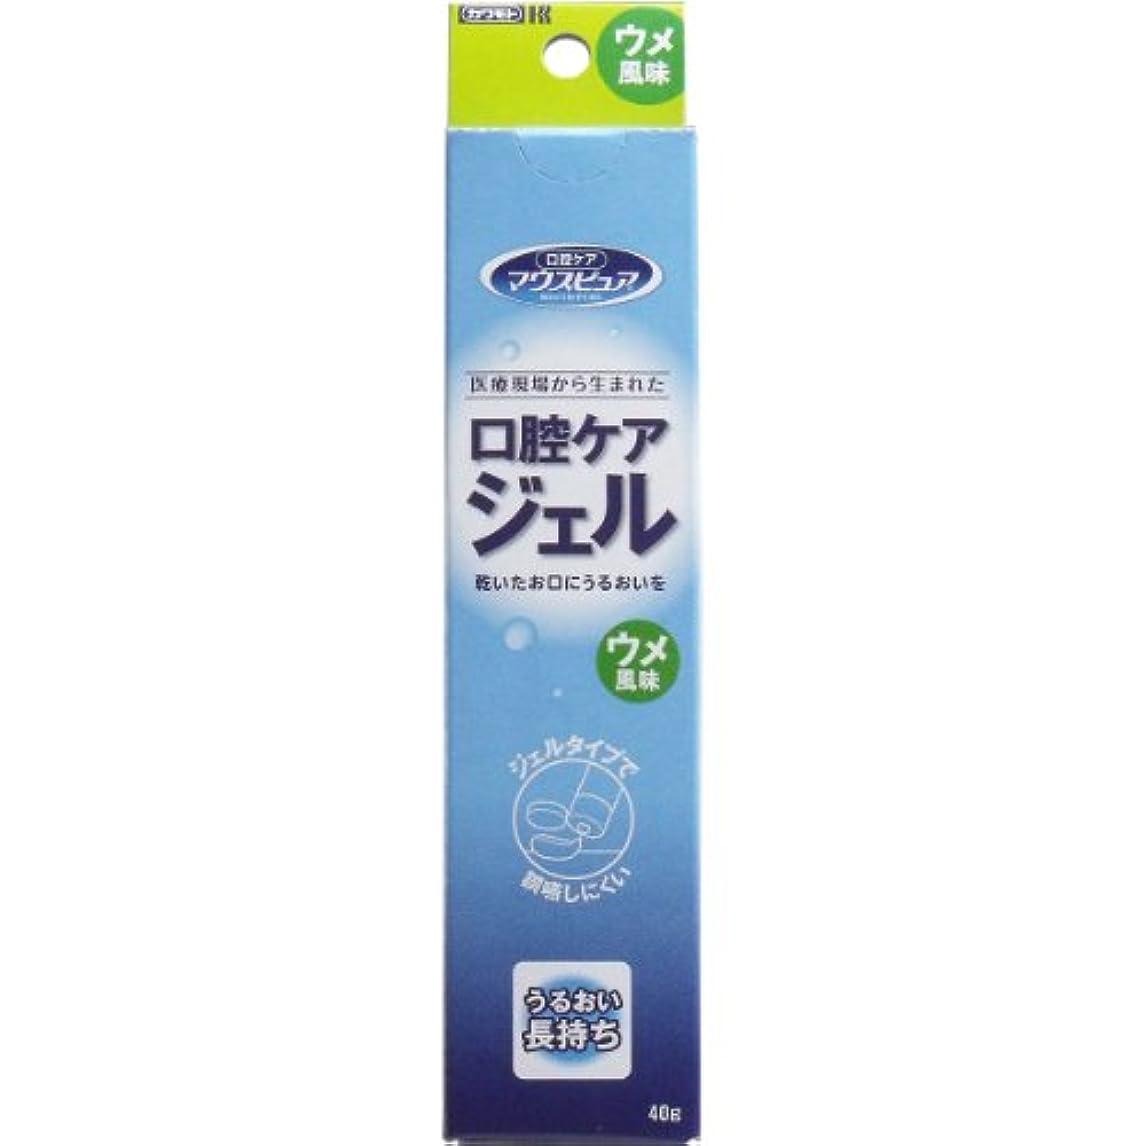 【まとめ買い】川本産業 マウスピュア 口腔ケアジェル ウメ風味 40g入【×8個】